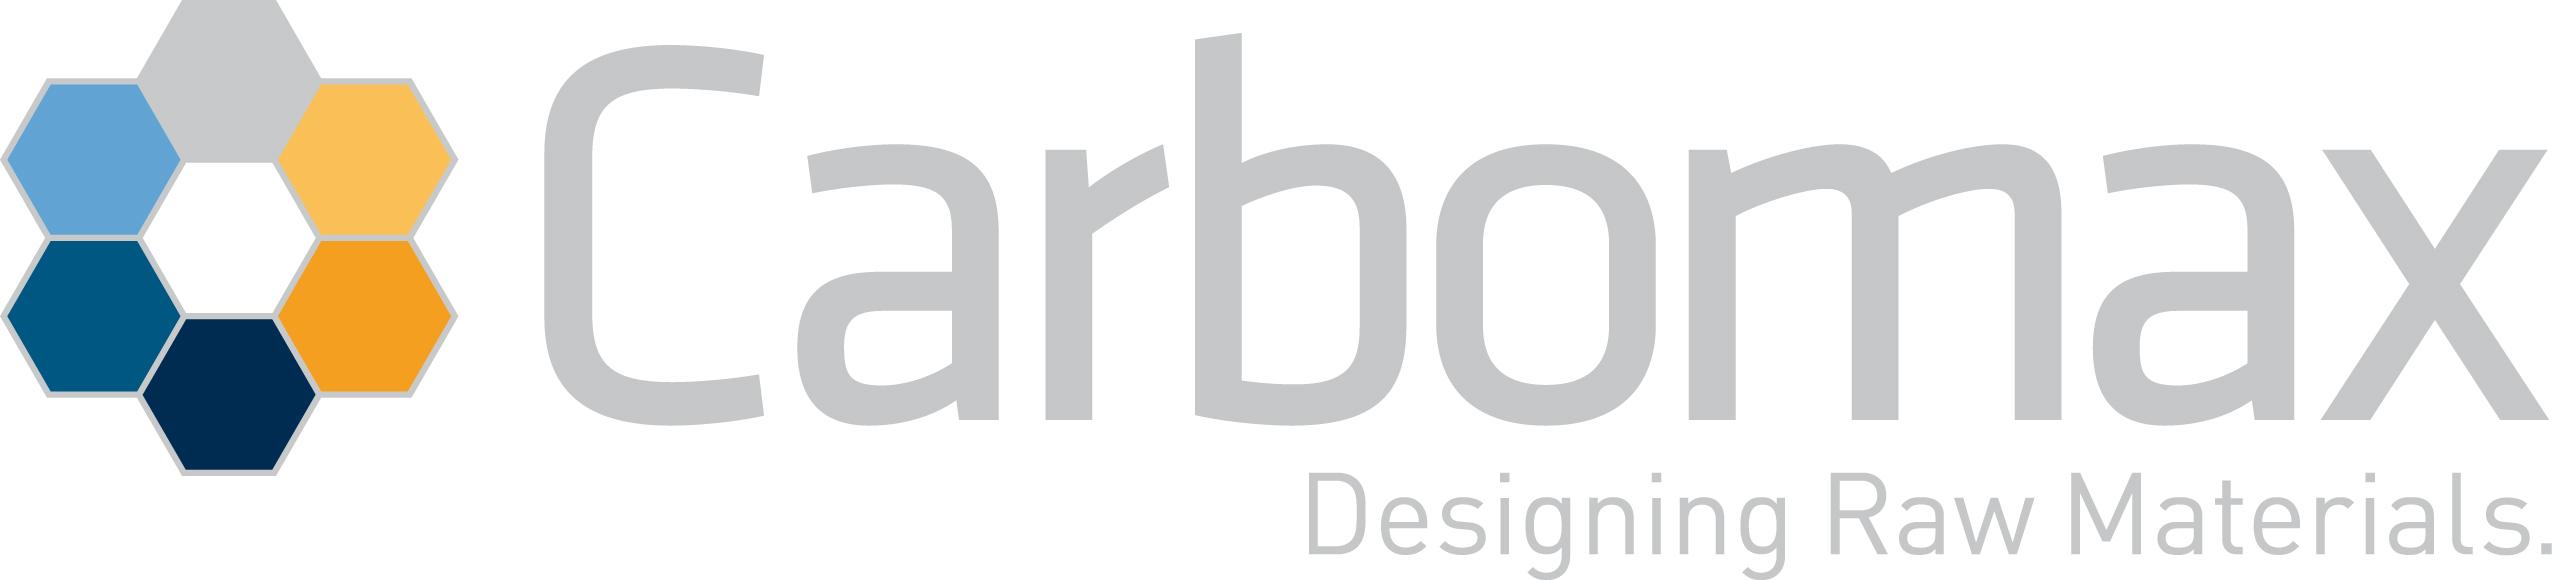 logotyp 20160118_075824_214311_Carbomax_grey_tagline.jpg